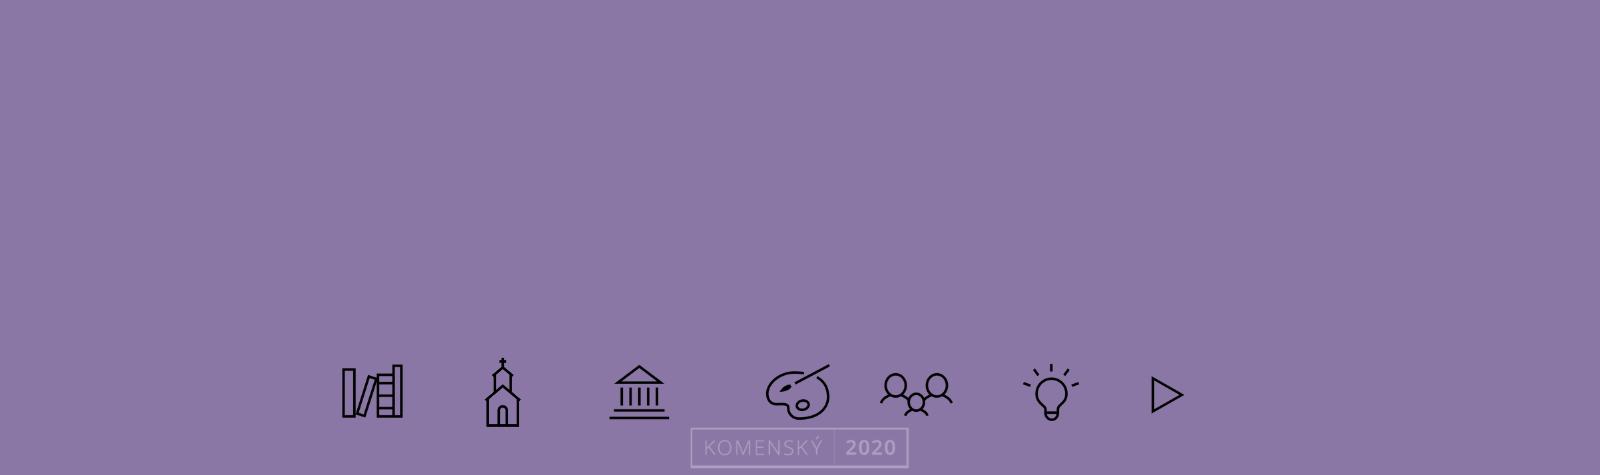 Dny Komenského 2020